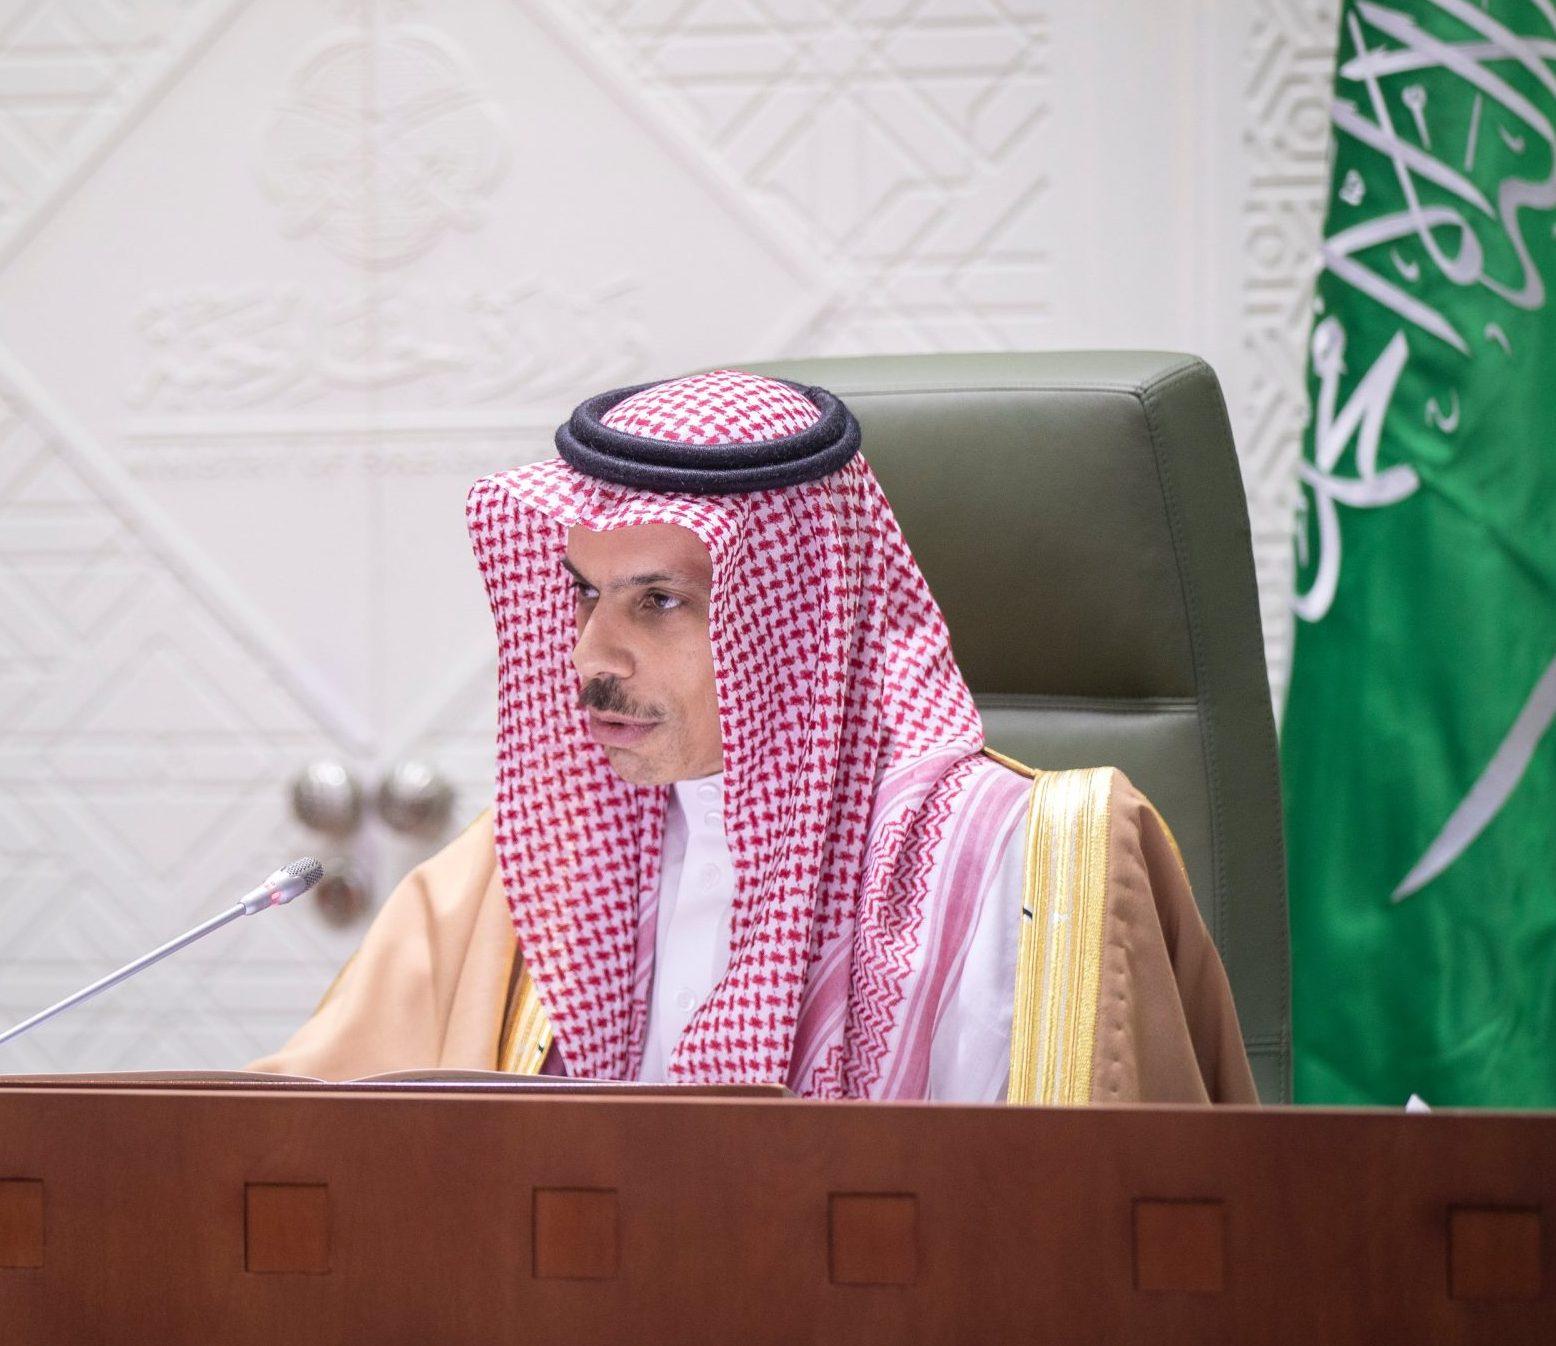 وزير الخارجية السعودي الأمير فيصل بن فرحان - الصورة من صفحة الوزارة على تويتر